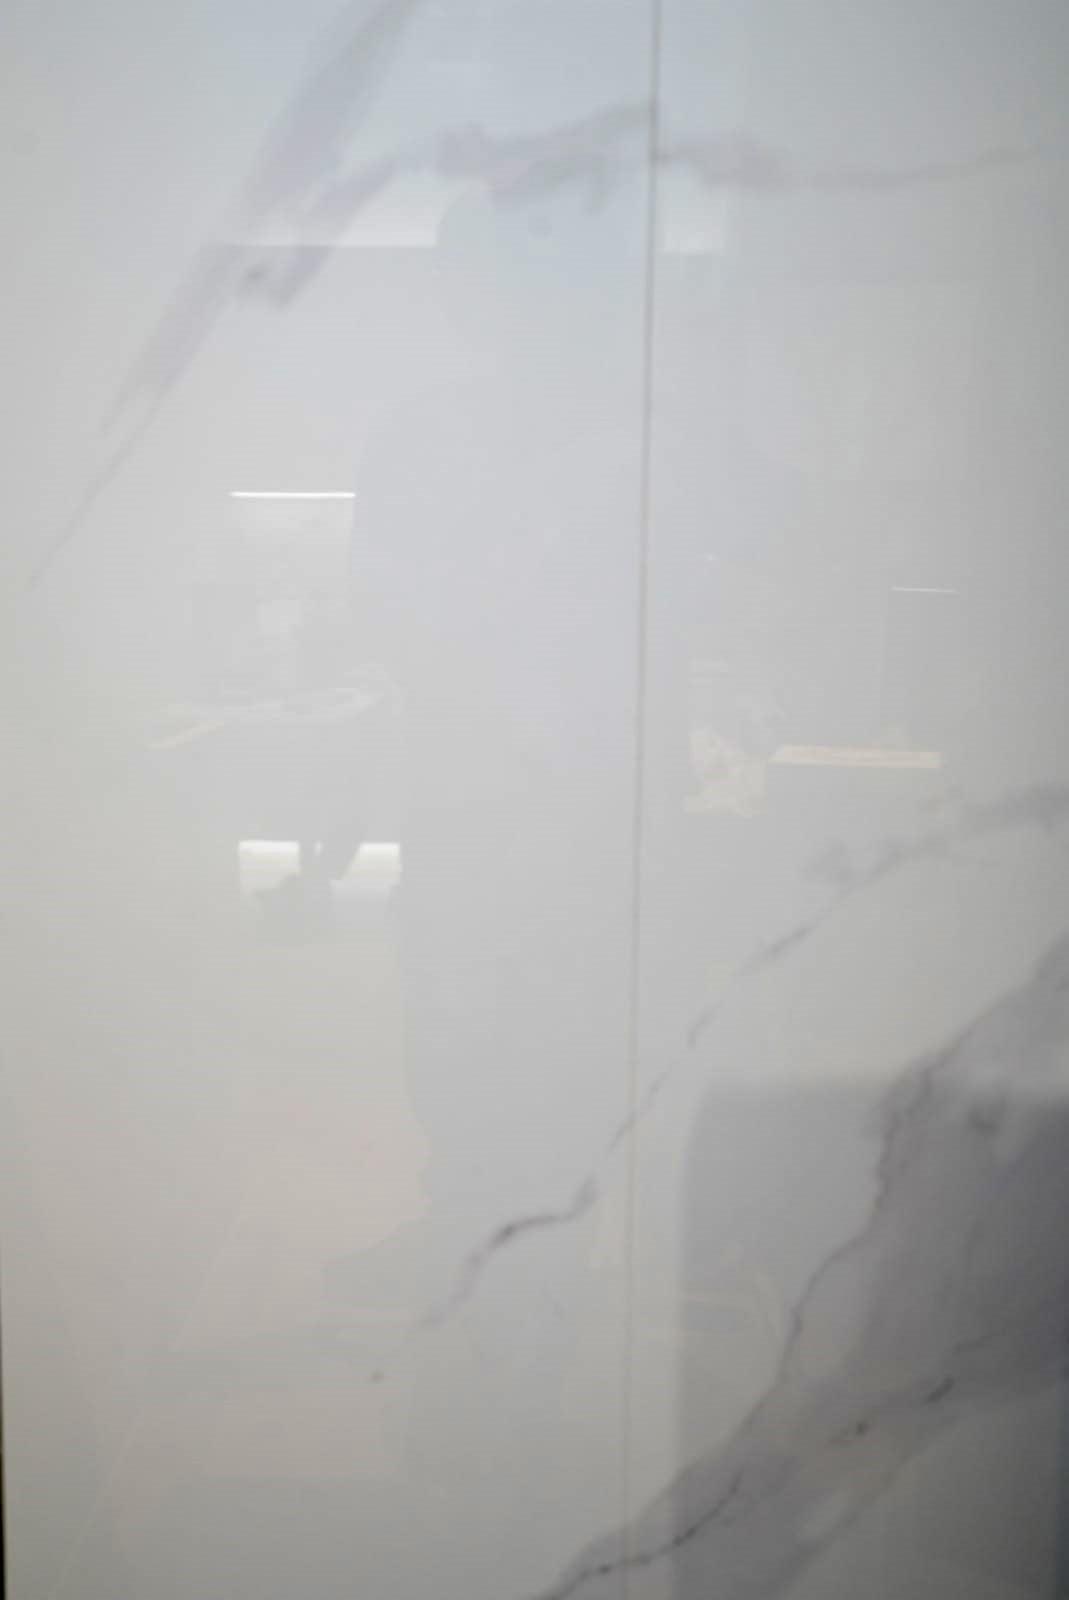 我們的背景牆做了一塊大雲石紋岩板,但由於電梯的限制,指細看還是會有輕微的接縫。